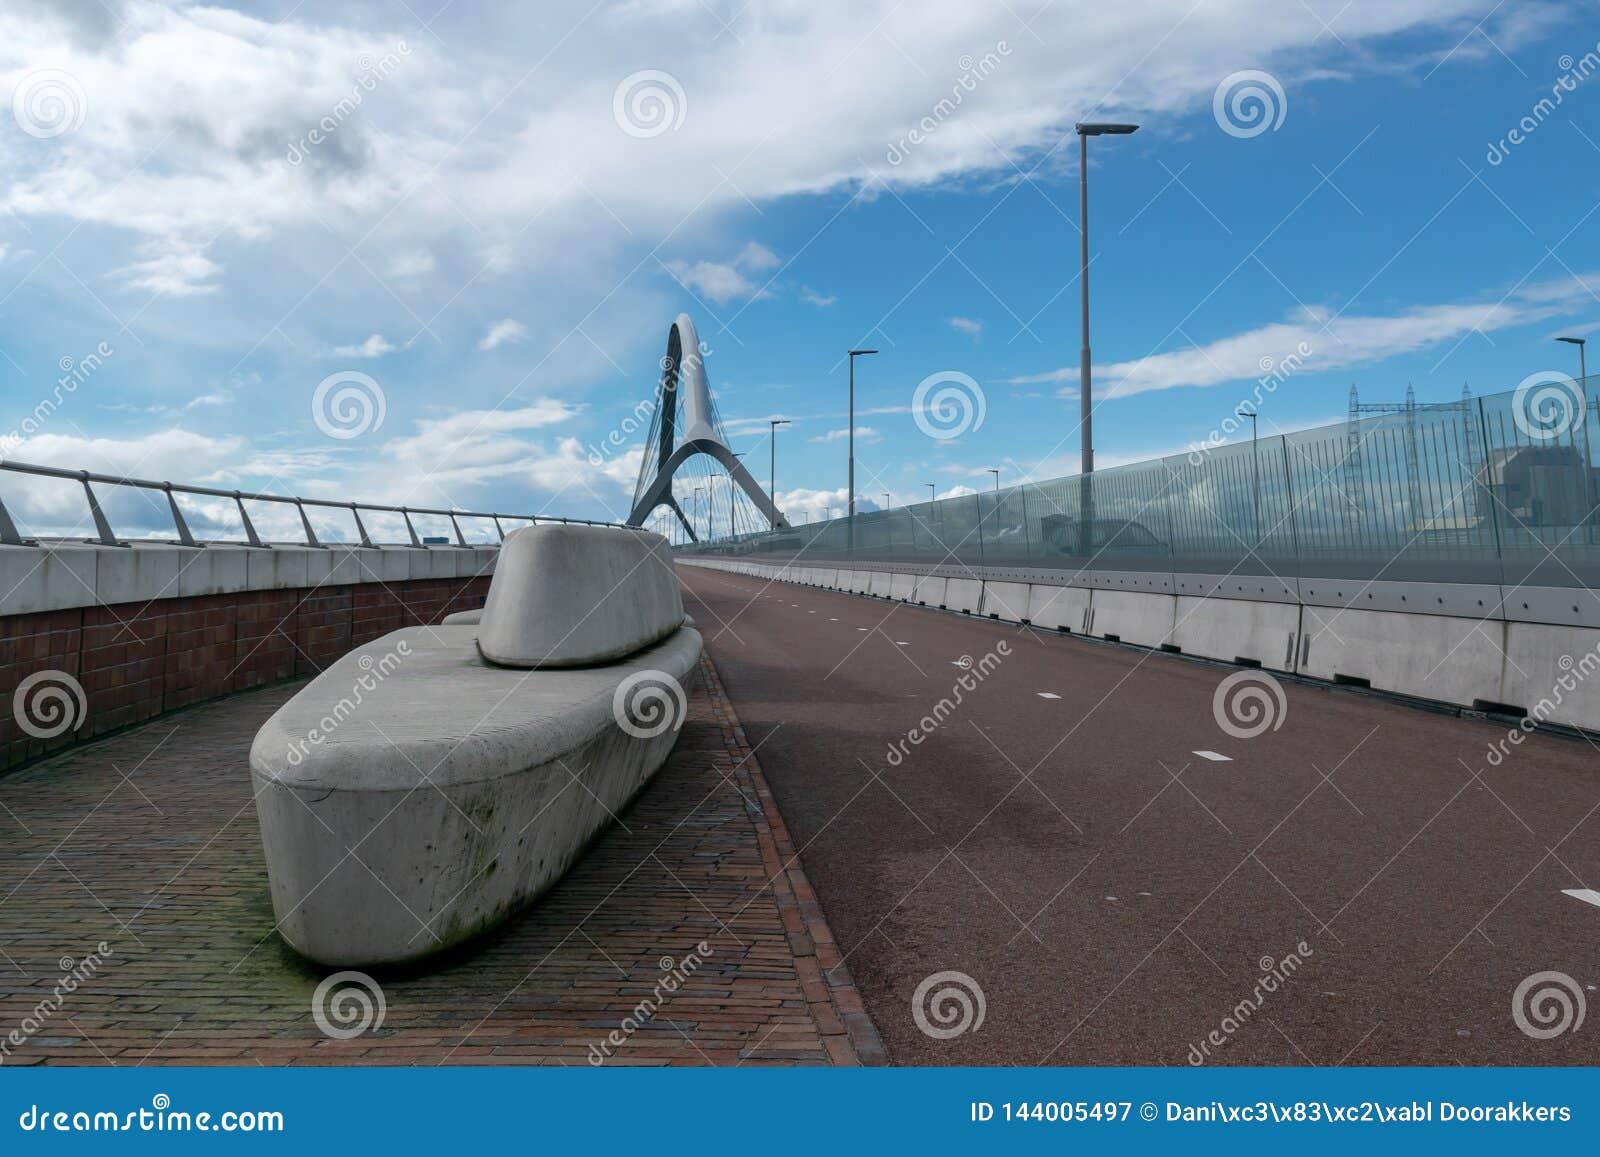 The Bridge Oversteek In Nijmegen